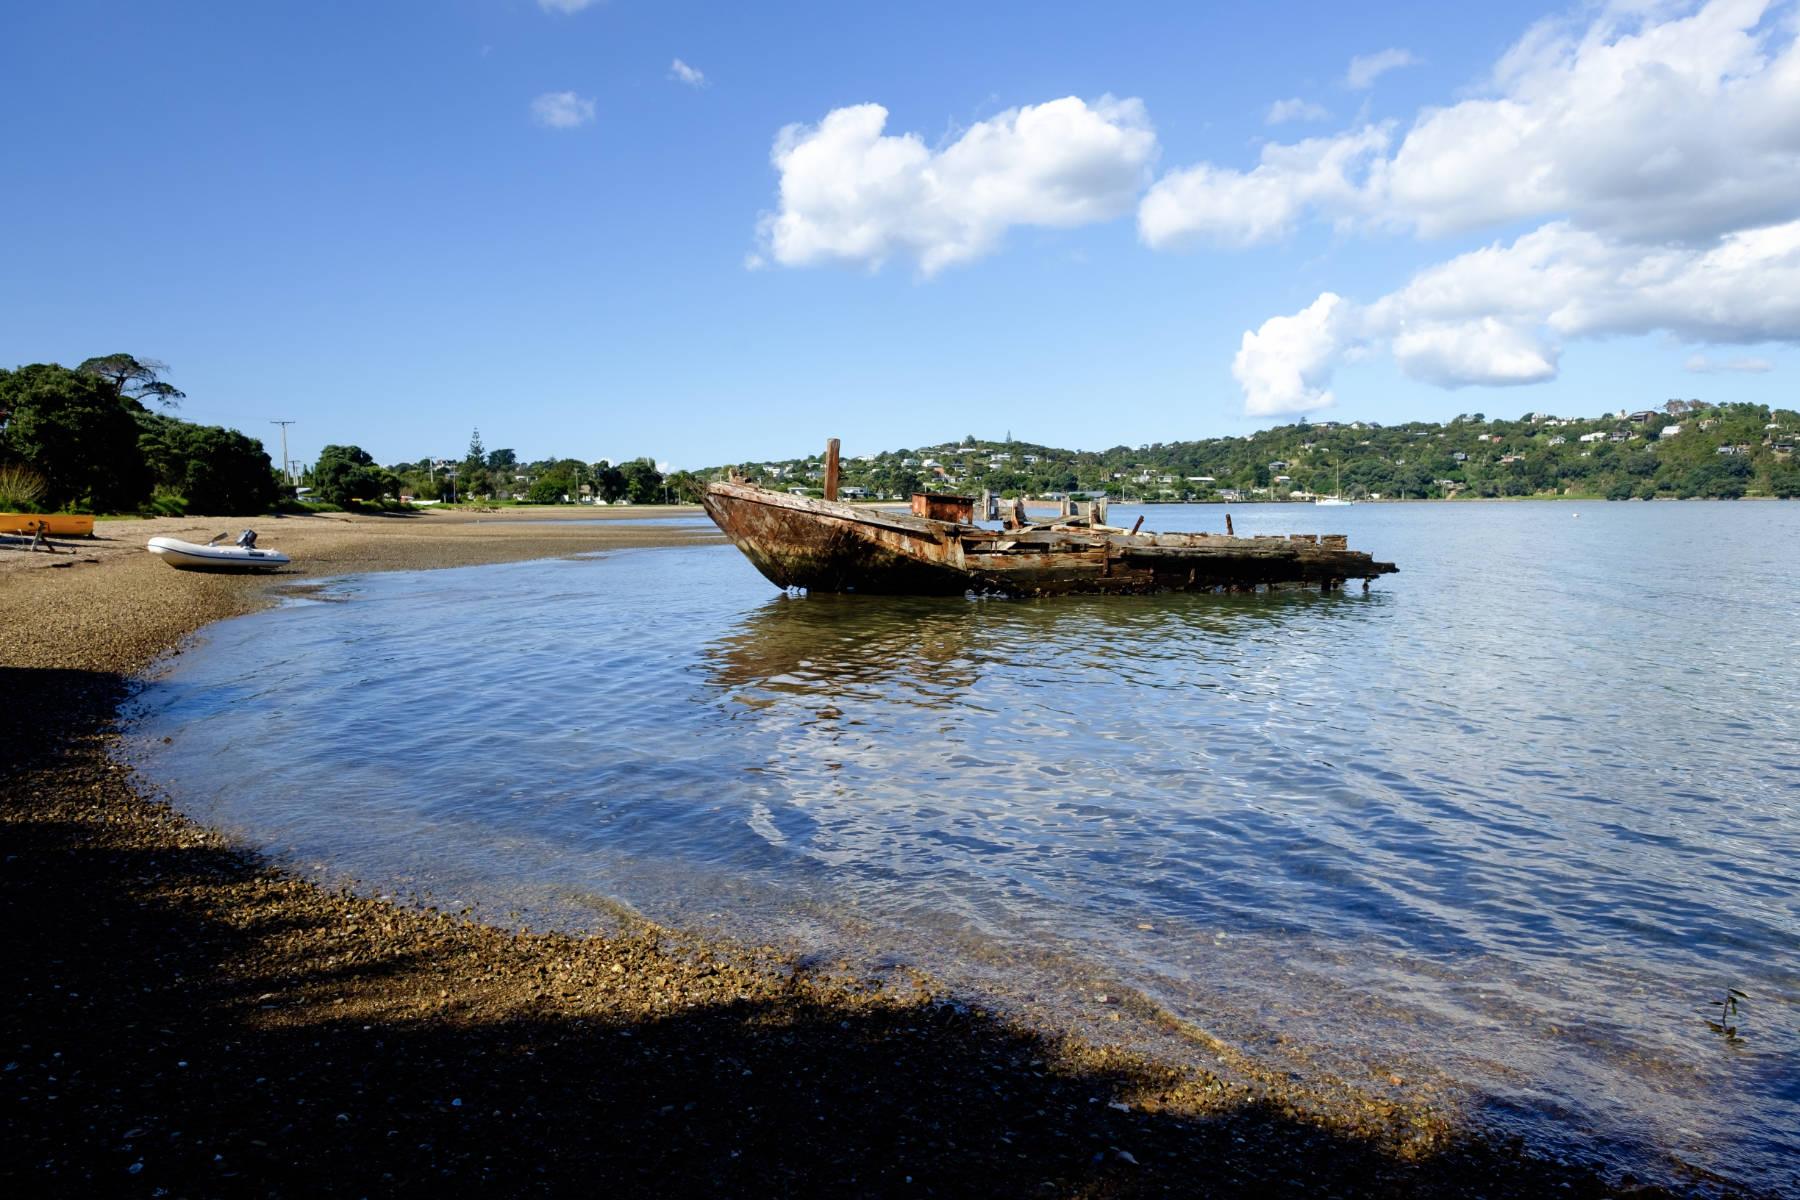 Rundown boat waiheke island New Zealand